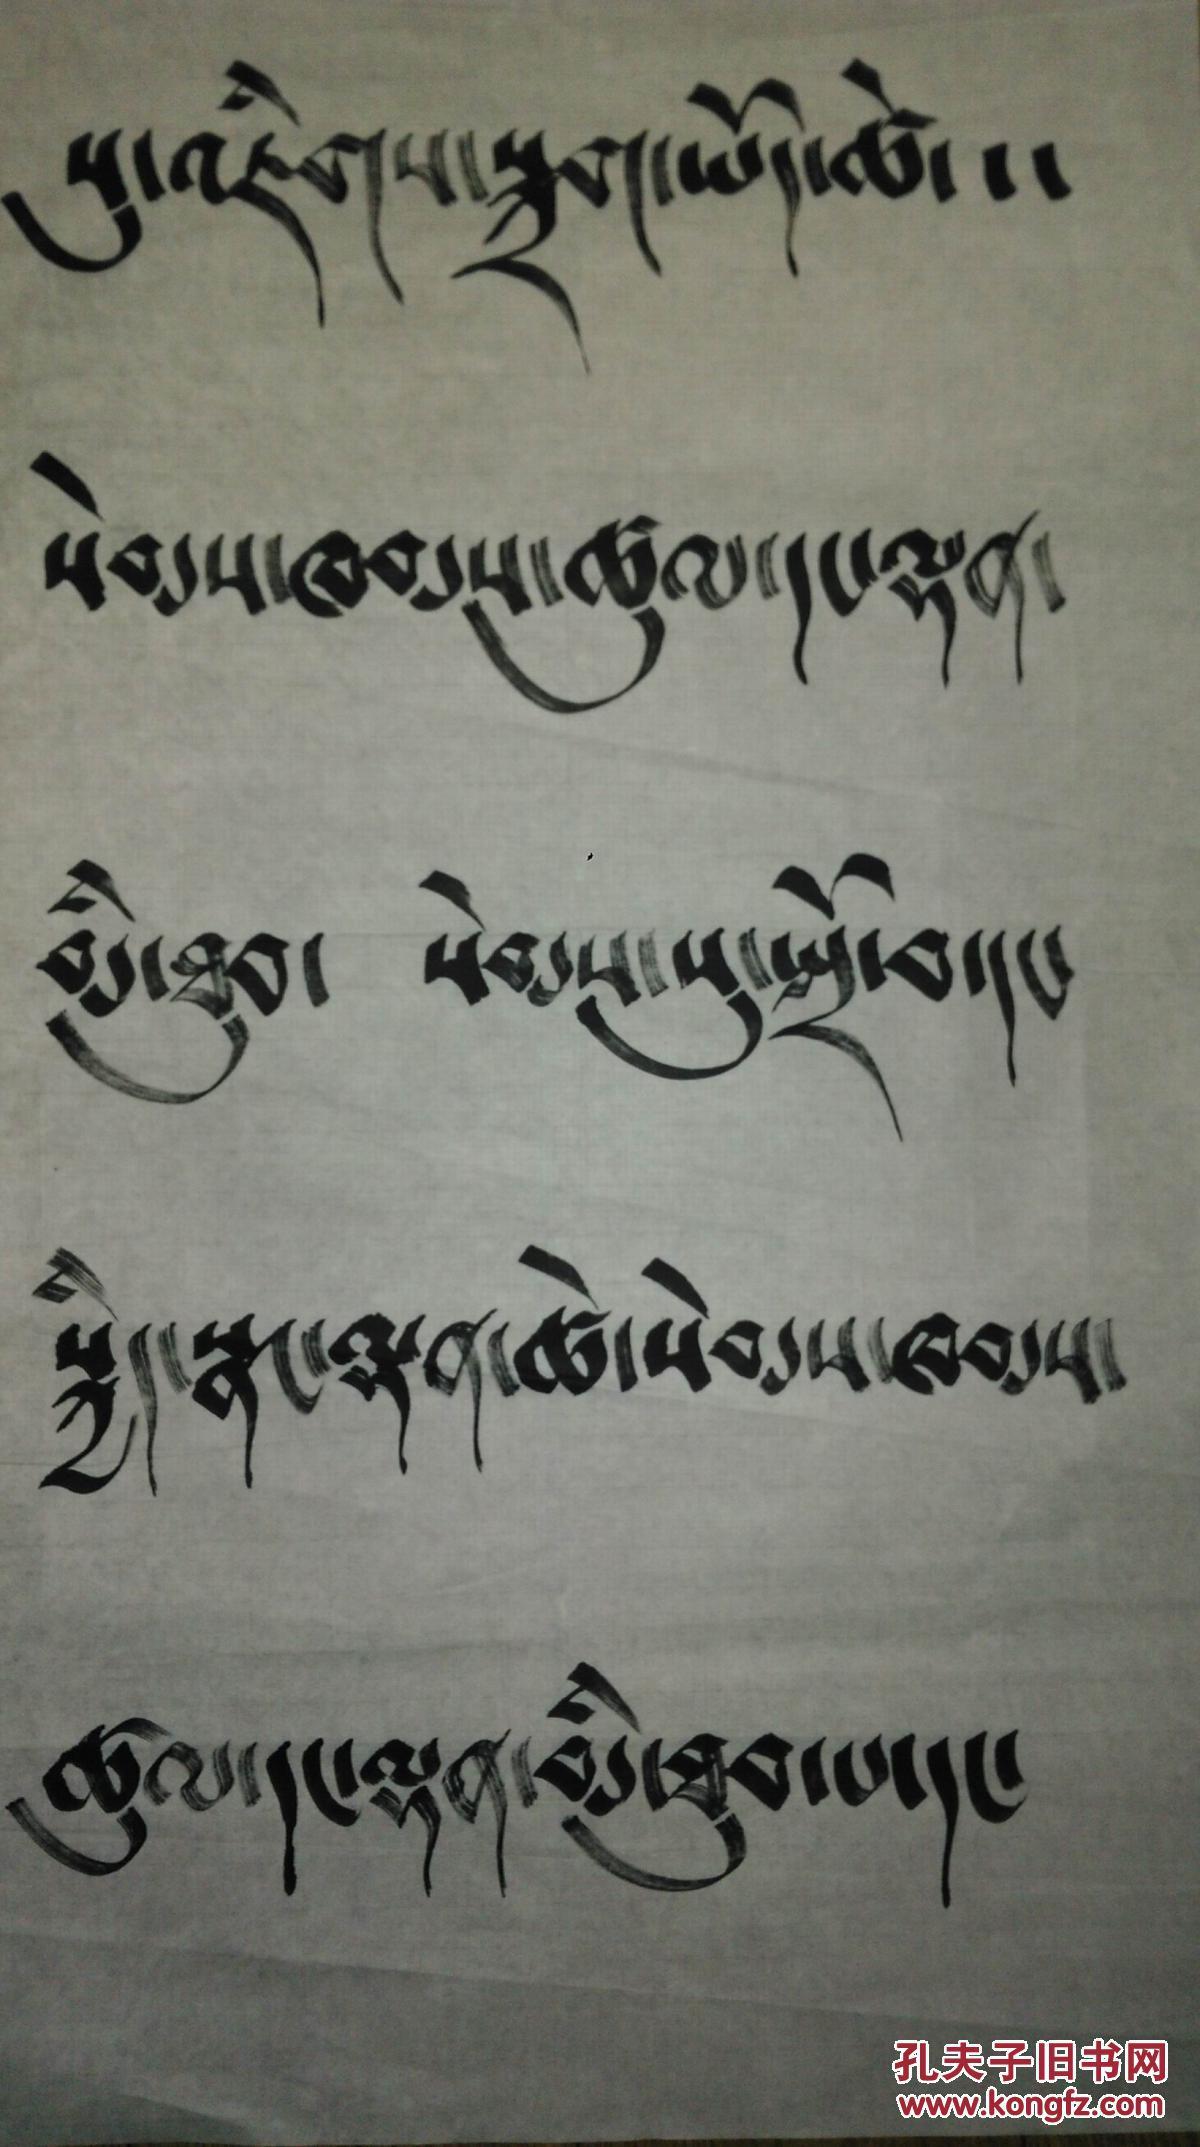 如何在文泰刻绘中显示班智达藏文字体